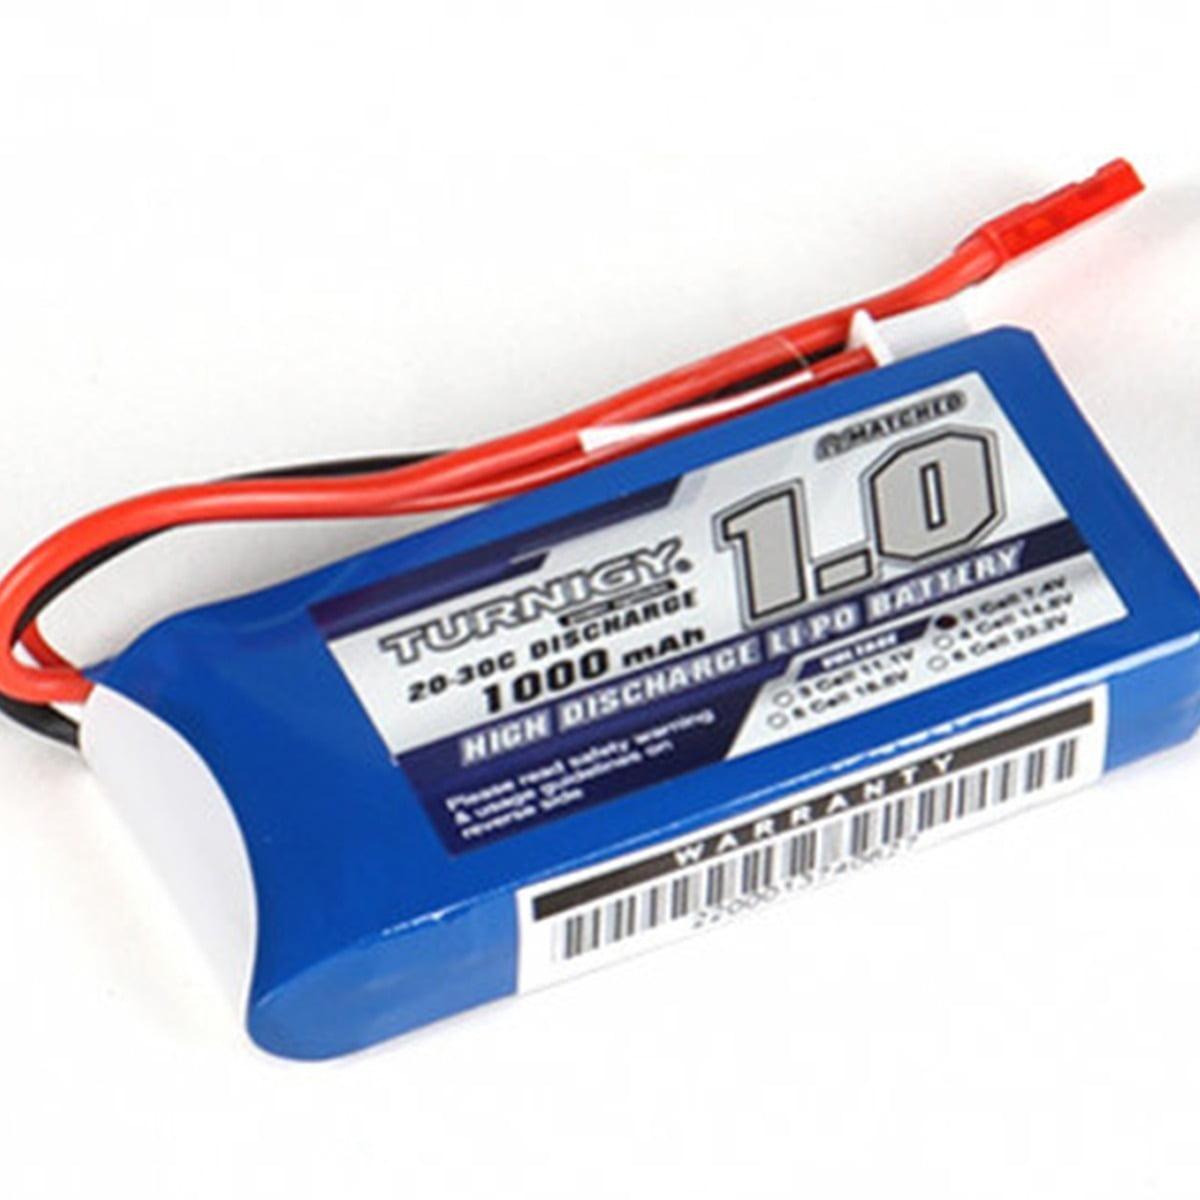 TURNIGY - Bateria Lipo 1000mAh 2S1P 20C 2 Cell 7.4V